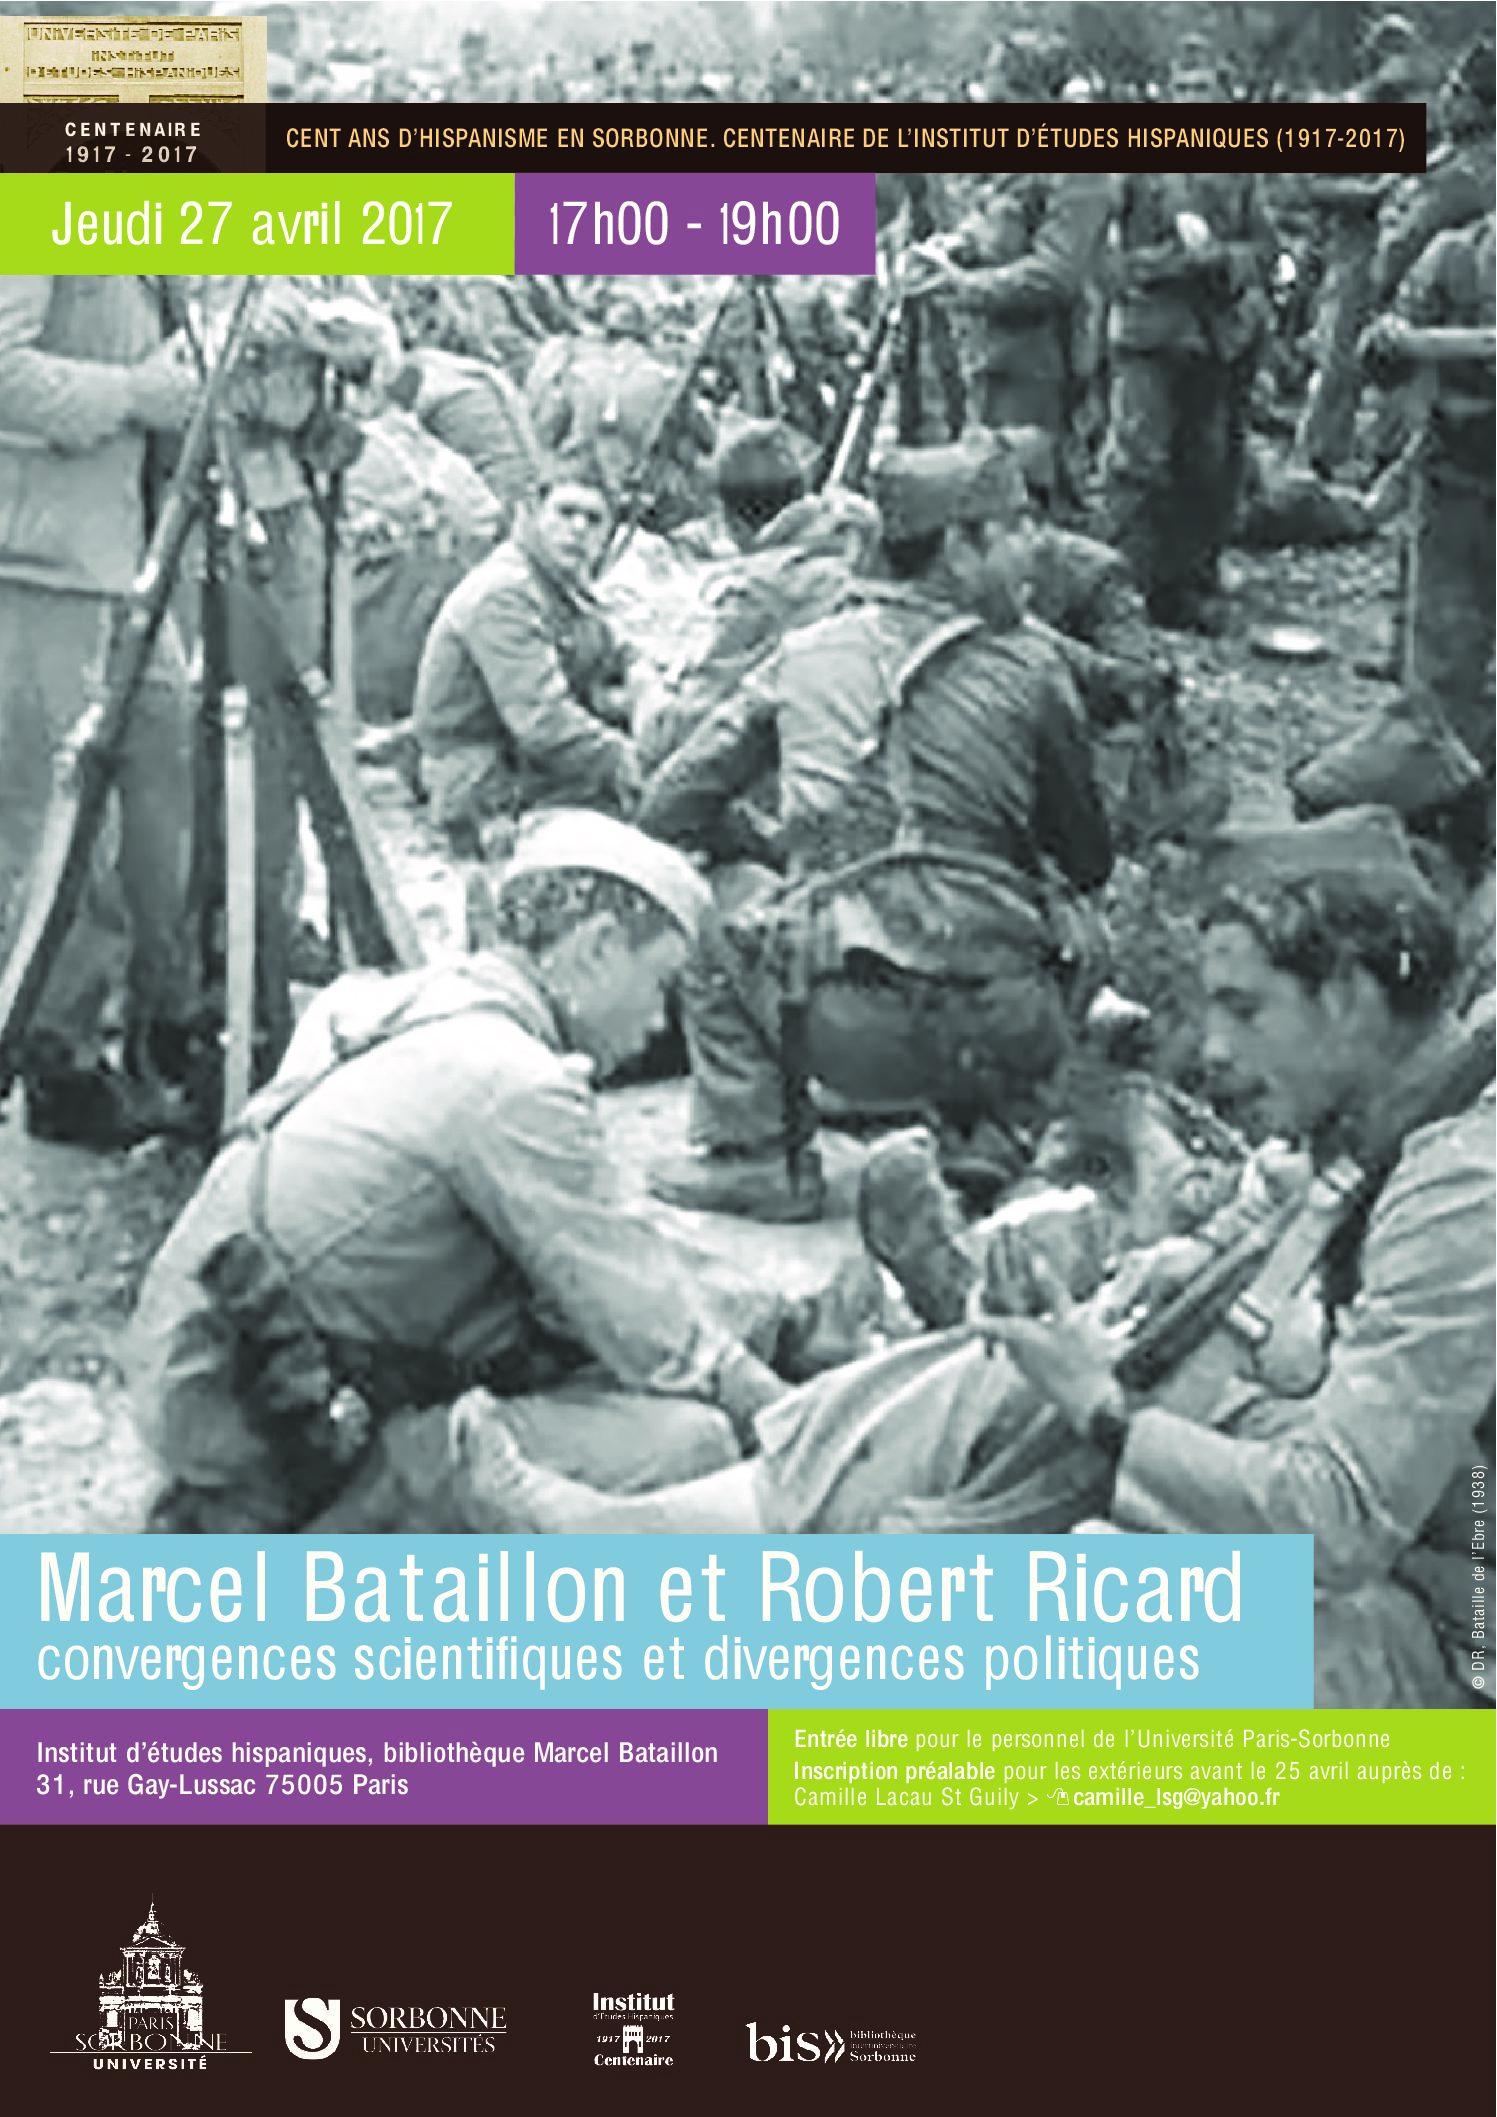 Marcel Bataillon et Robert Ricard: convergences scientifiques et divergences politiques